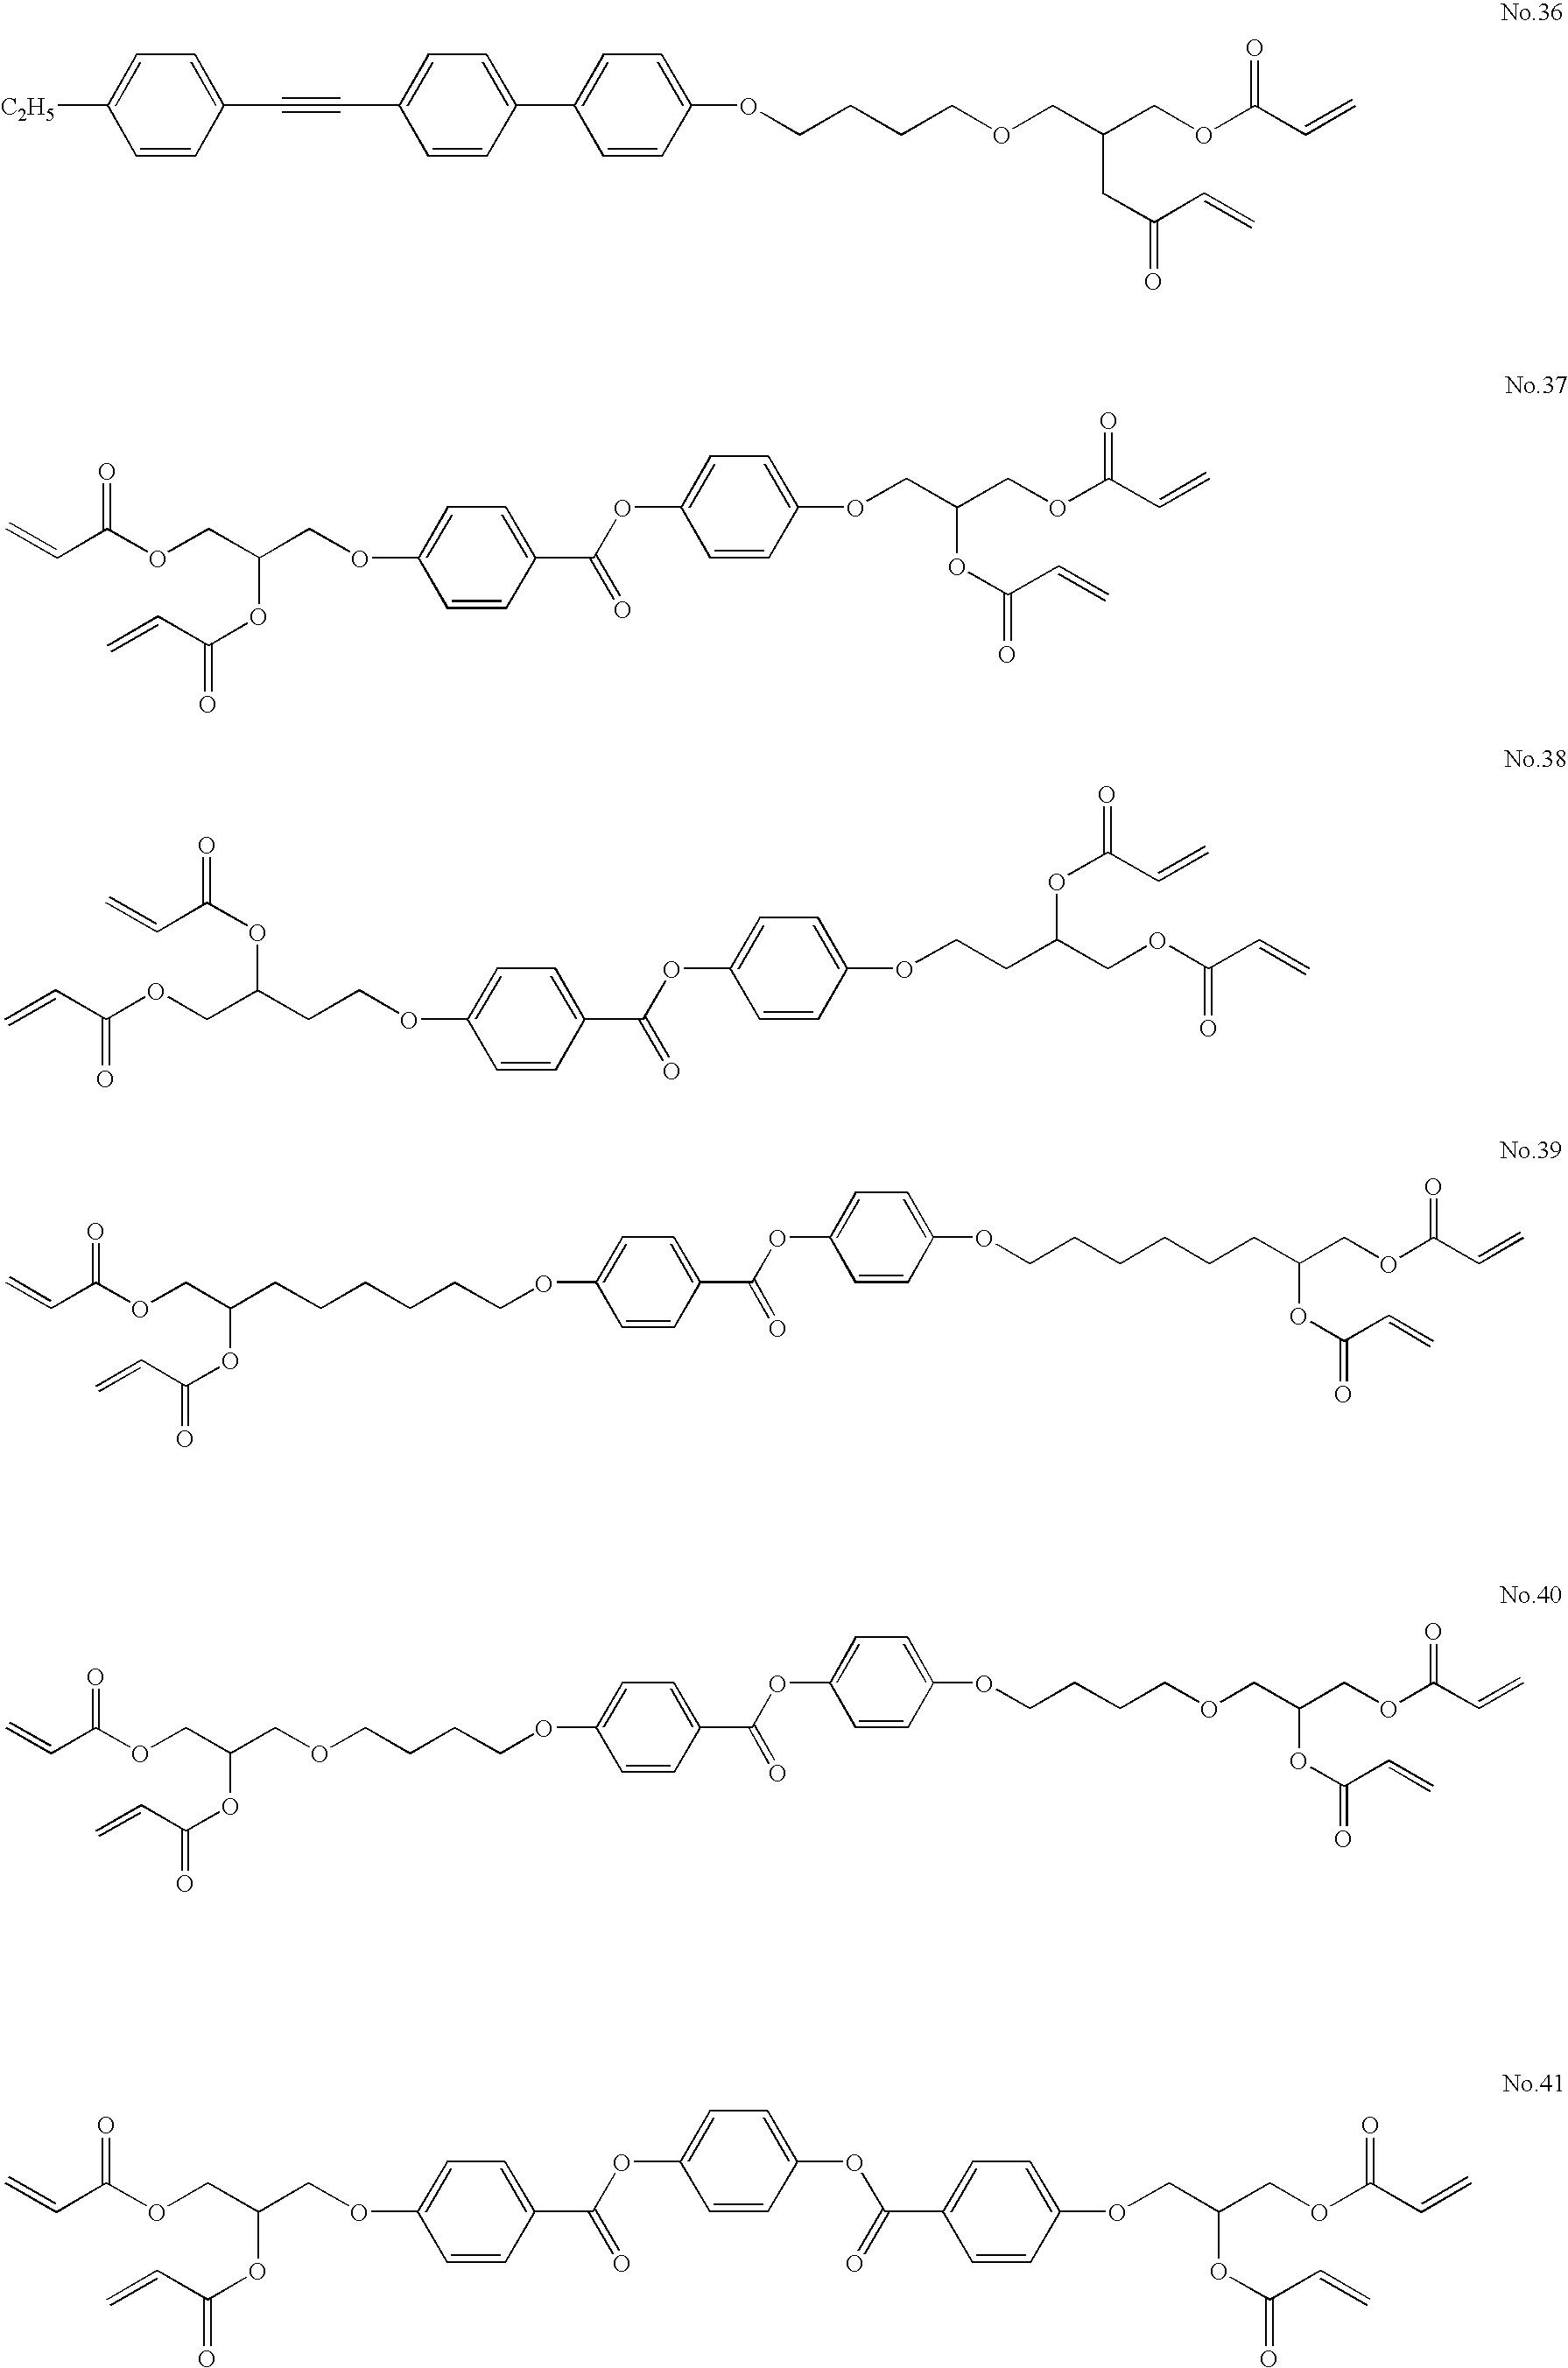 Figure US20060172090A1-20060803-C00016